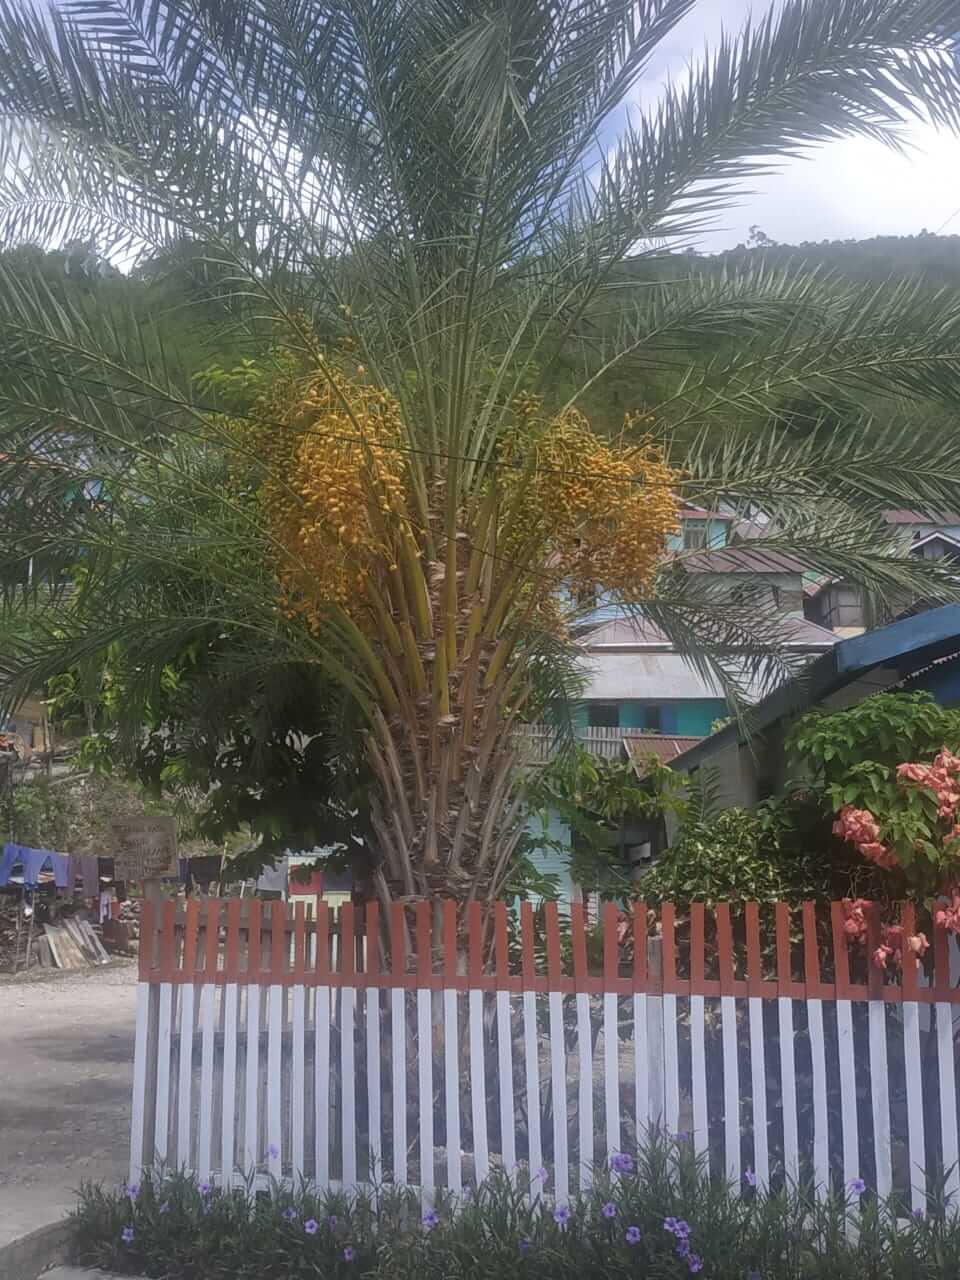 Rumah Oma di Kelurahan Mangkio Baru sering menjadi lokasi kunjungan bagi warga yang penasaran ingin menyaksikan langsung pohon Kurma Berbuah. Foto : Irsan/LT